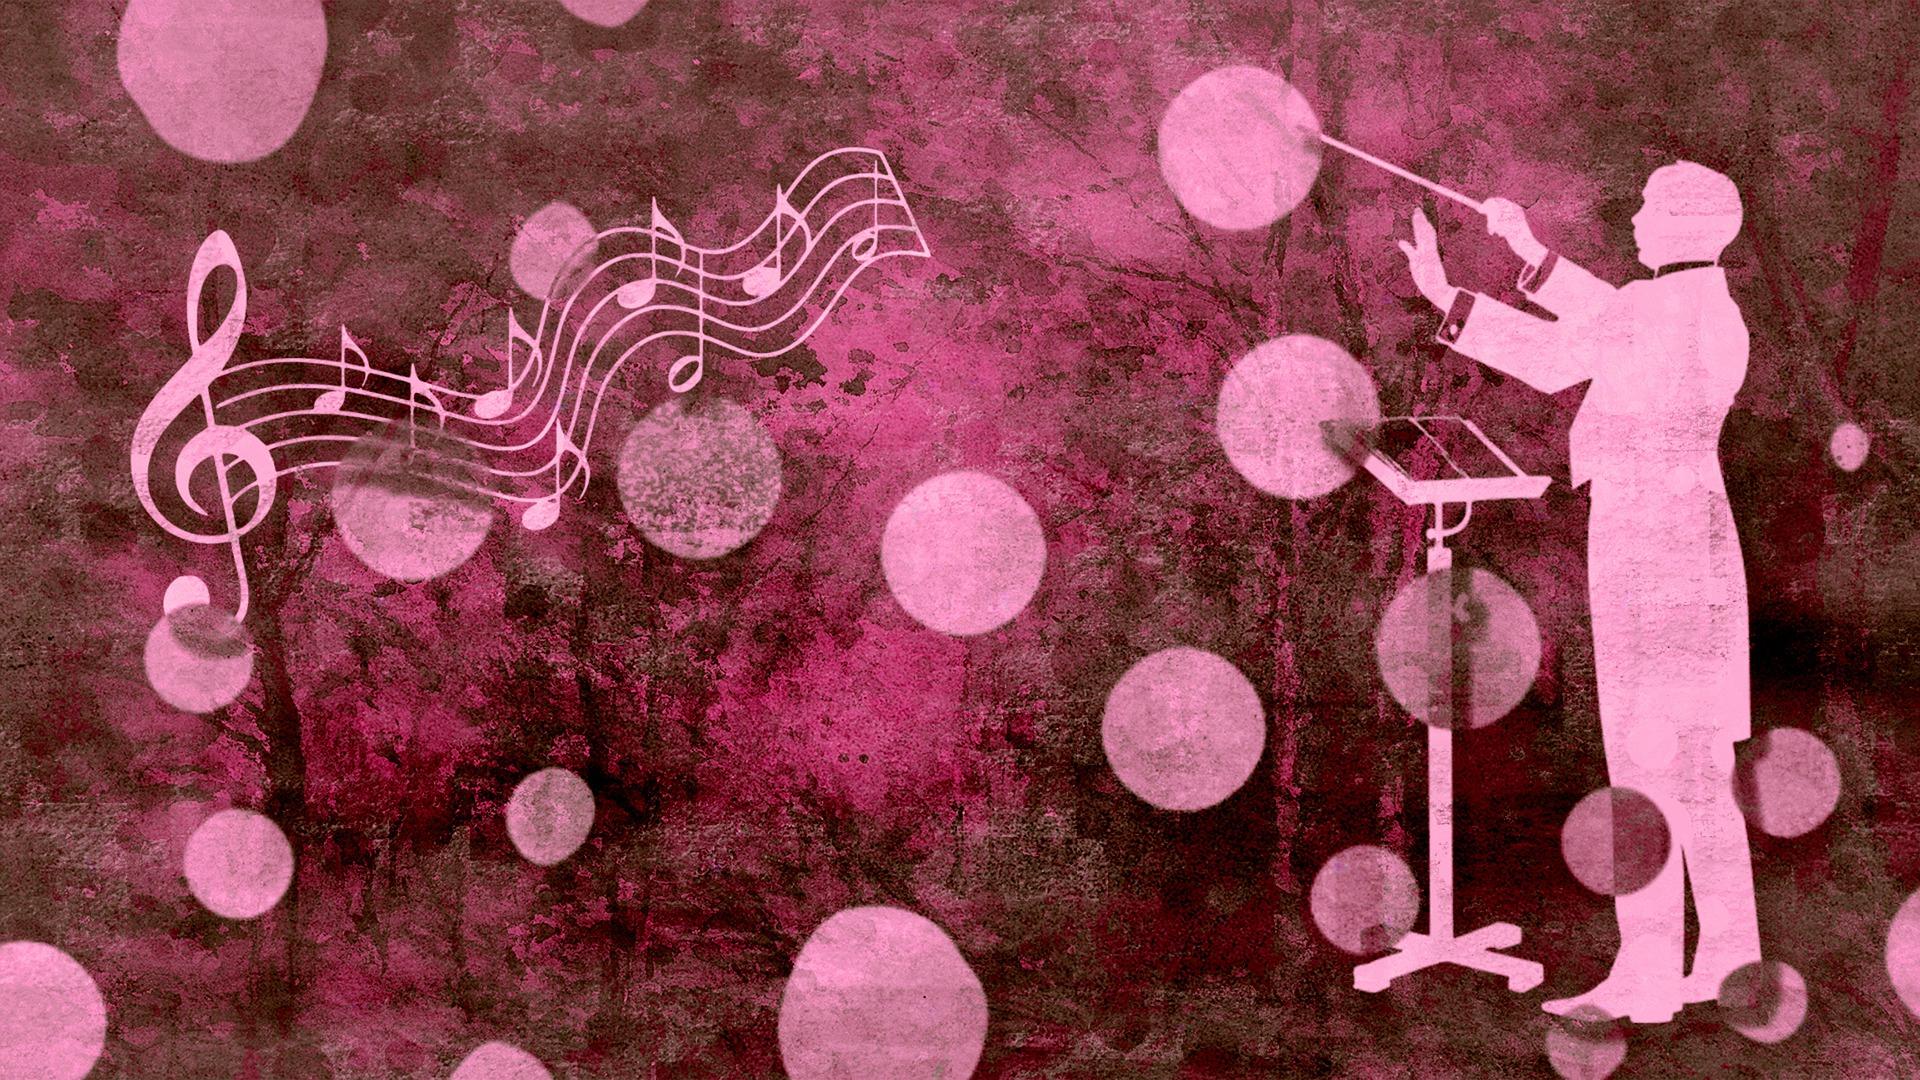 Venus i Vandmanden februar 2021. Electric dreams.